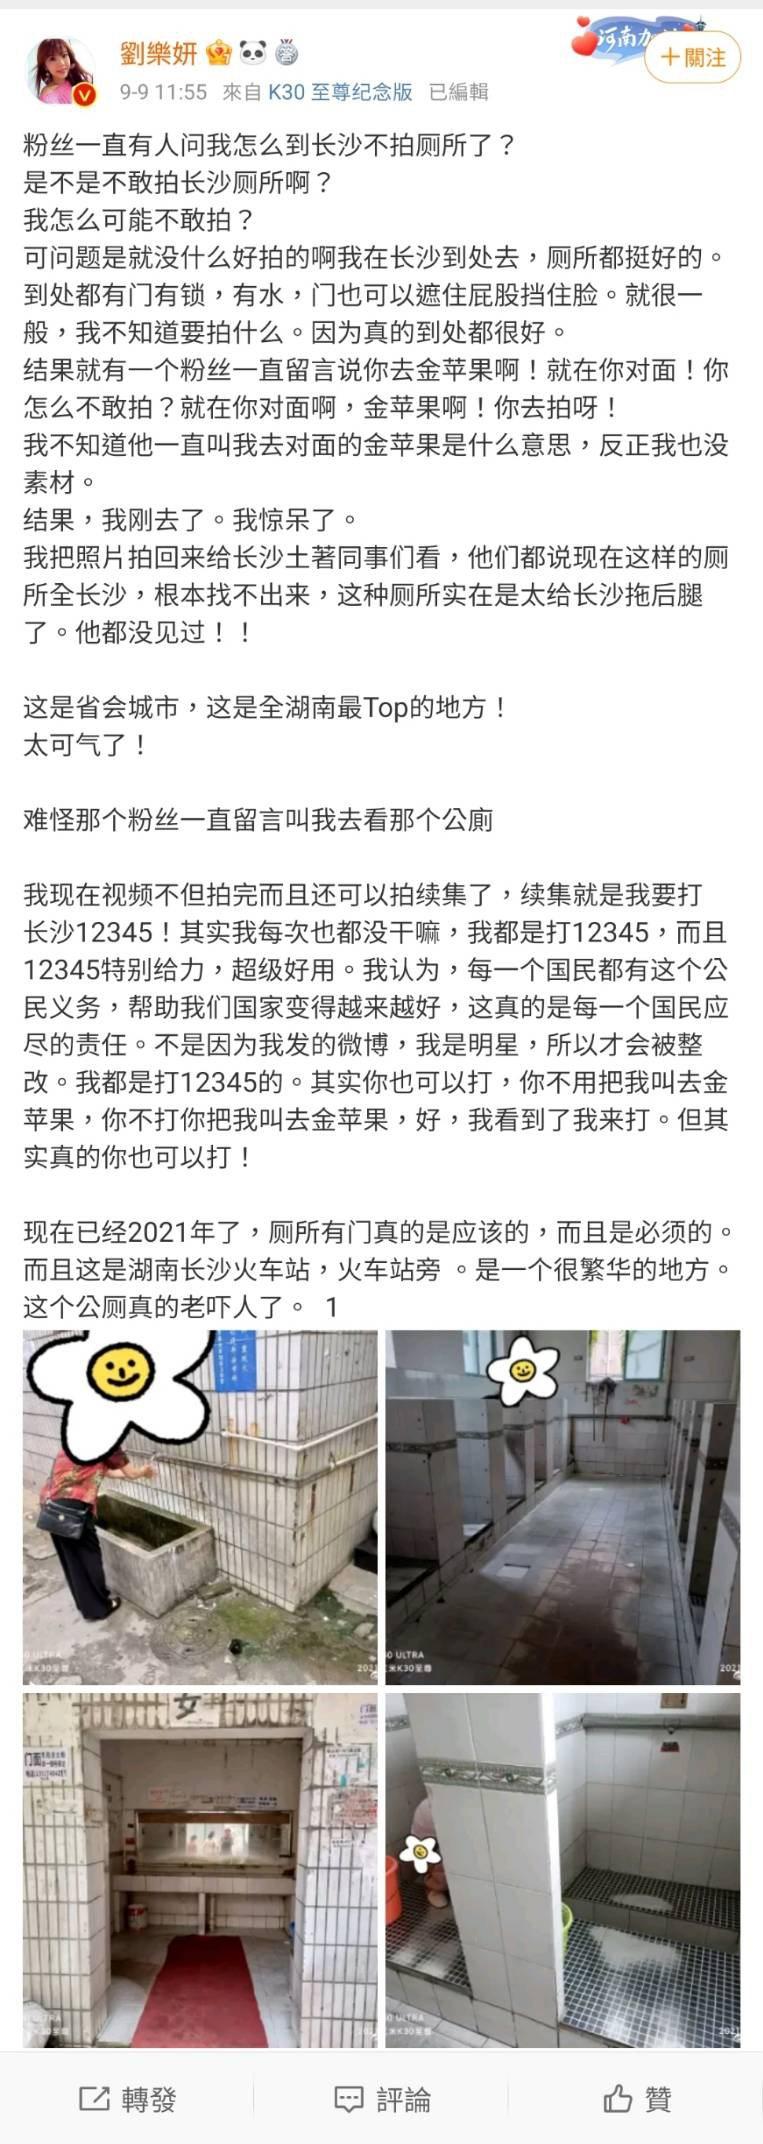 劉樂妍抱怨大陸仍有一些公廁沒有門。 圖/擷自weibo。